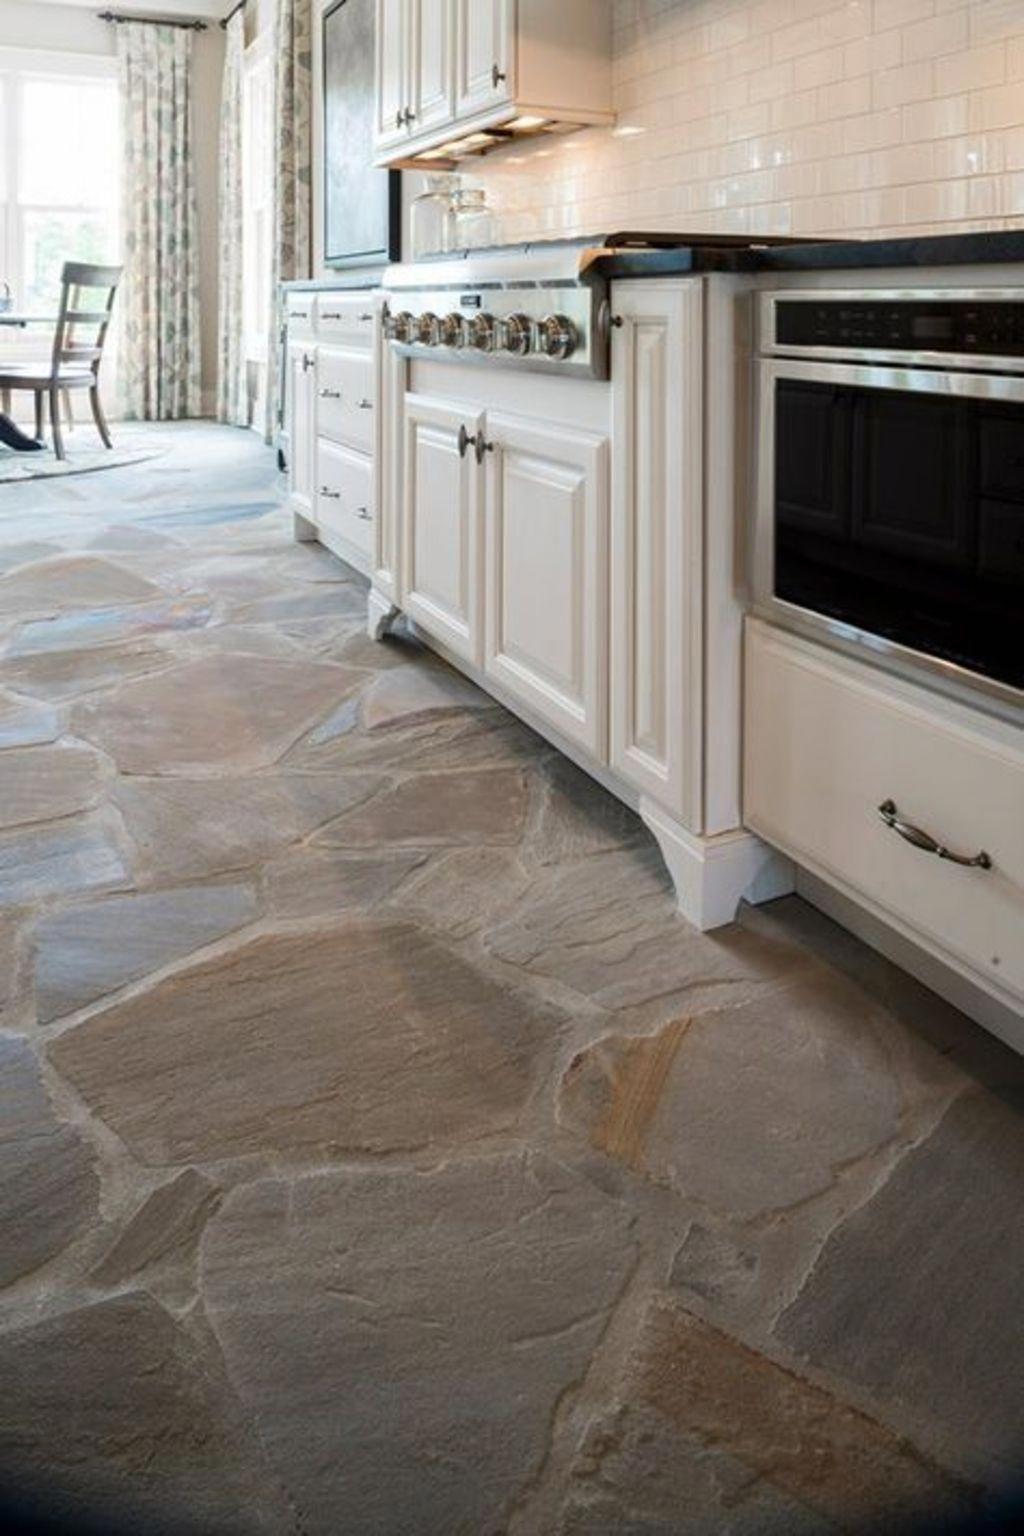 75 Luxury Minimalist Kitchen Design Ideas Farmhouse